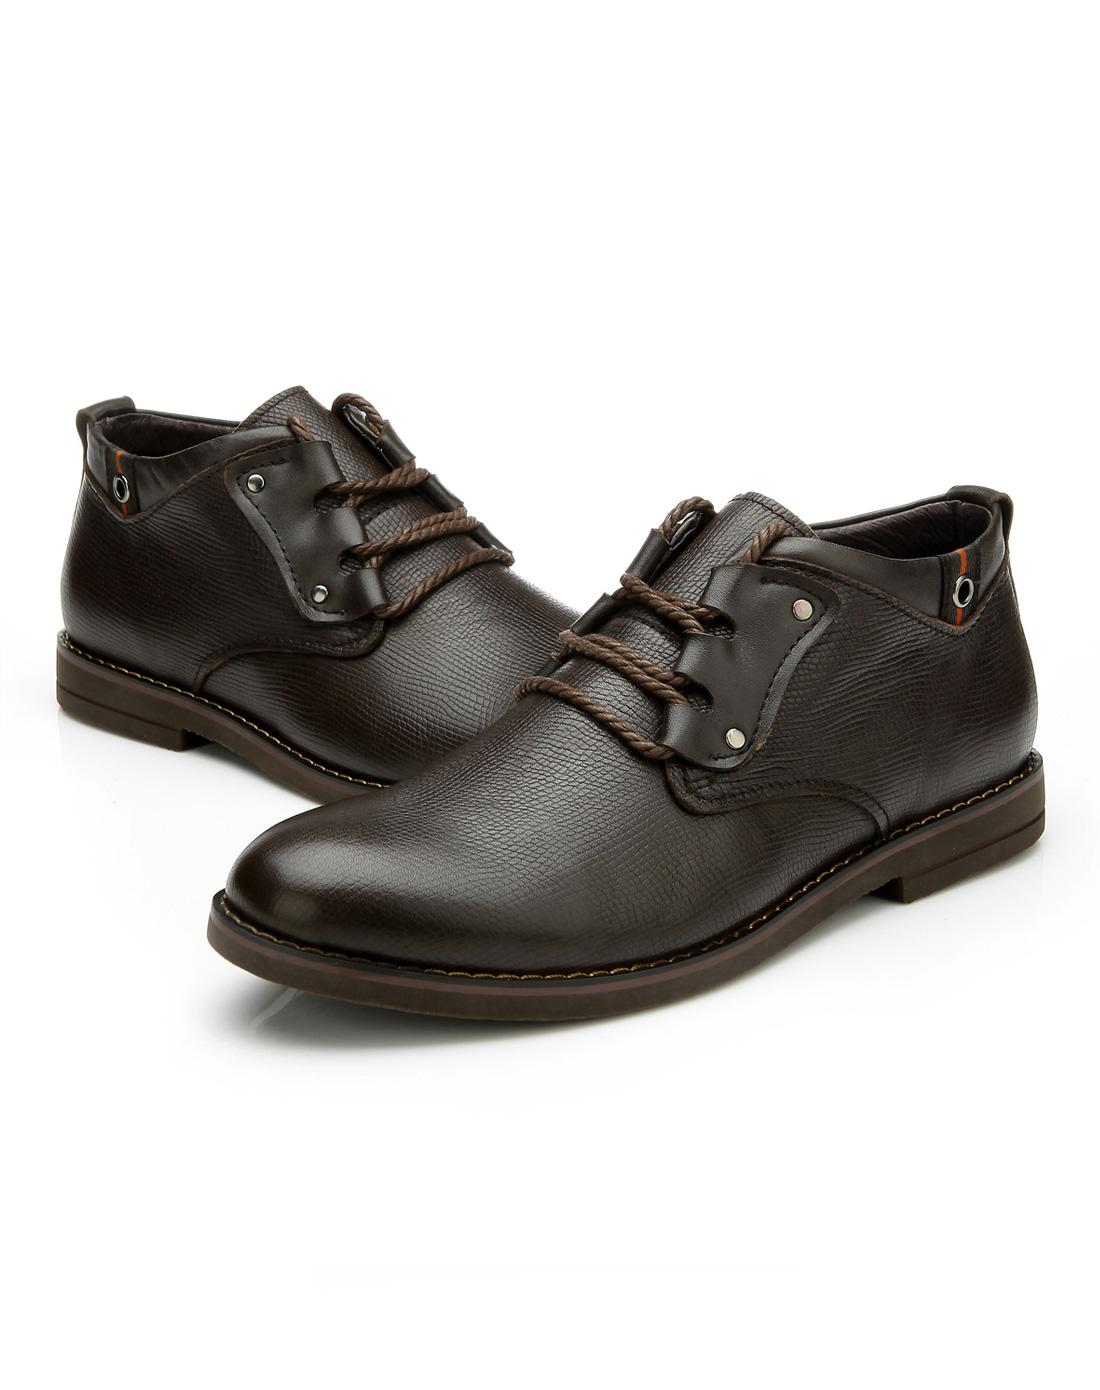 欧伦堡olunpo鞋子专场棕色商务正装牛皮鞋qdt1204-02